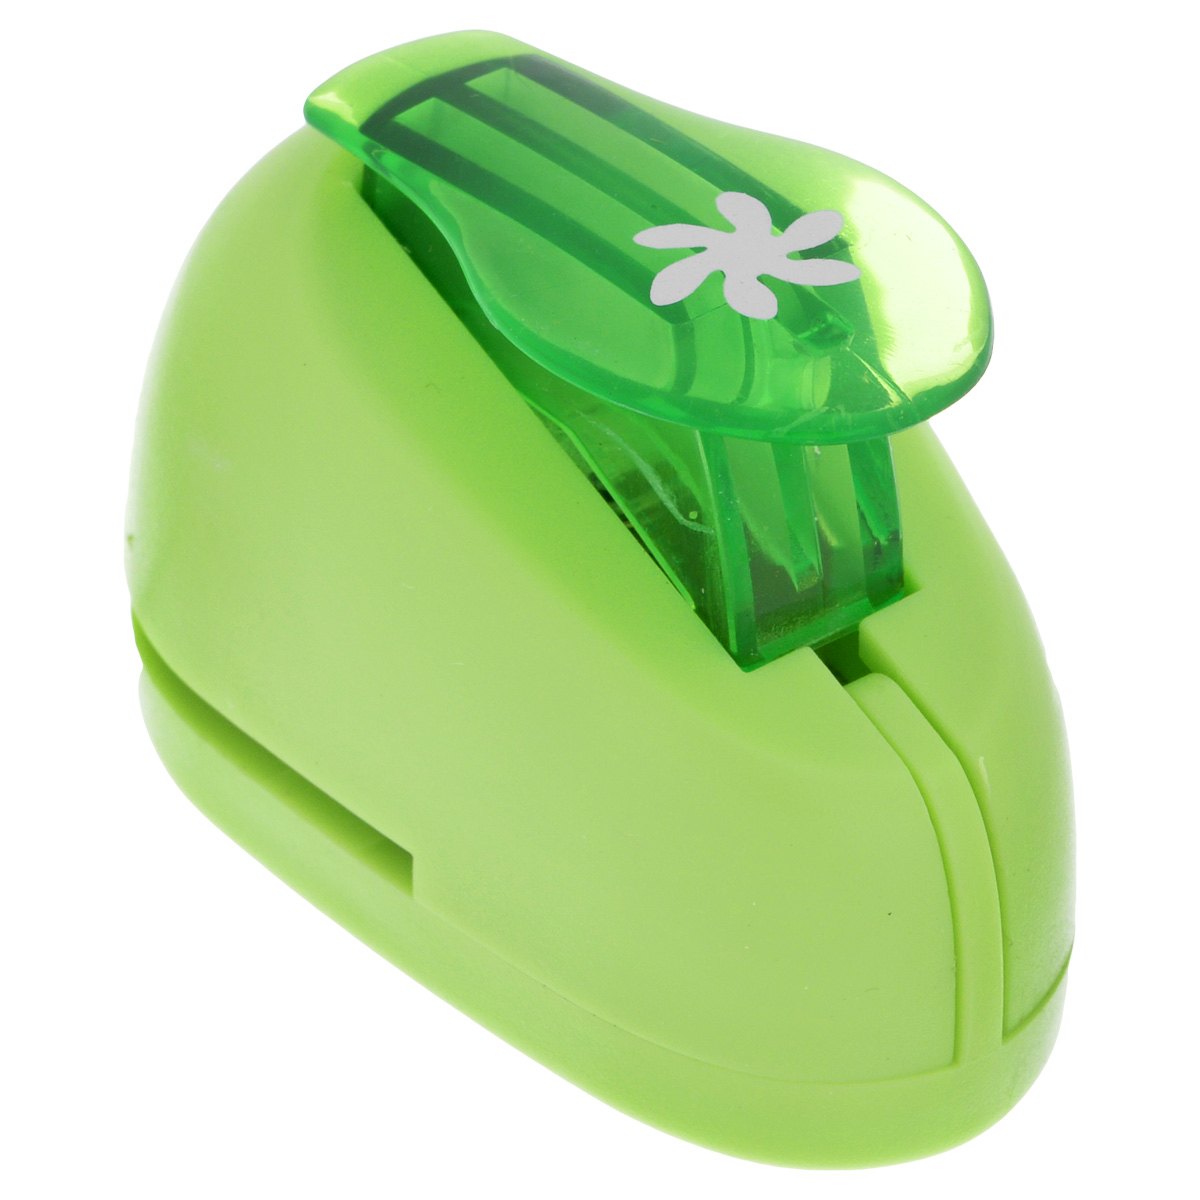 Дырокол фигурный Hobbyboom Цветок-завиток, цвет: зеленый, №255, диаметр 1 смCD-99XS-255 зеленыйФигурный дырокол Hobbyboom Цветок-завиток изготовлен из пластика и металла, используется в скрапбукинге для создания оригинальных открыток и фотоальбомов ручной работы, оформления подарков, в бумажном творчестве и другом. Рисунок прорези указан на ручке дырокола.Дырокол предназначен для вырезания фигурок из бумаги. Просто вставьте лист бумаги в дырокол. Нажмите на рычаг. Вырезанную фигурку в виде кружочка можно использовать для дальнейшего декорирования.Предназначен для бумаги определенной плотности - 80 - 200 г/м2. При применении на бумаге большей плотности или на картоне, дырокол быстро затупится. Размер дырокола: 5 см х 3 см х 3,5 см. Диаметр готовой фигурки: 1 см.